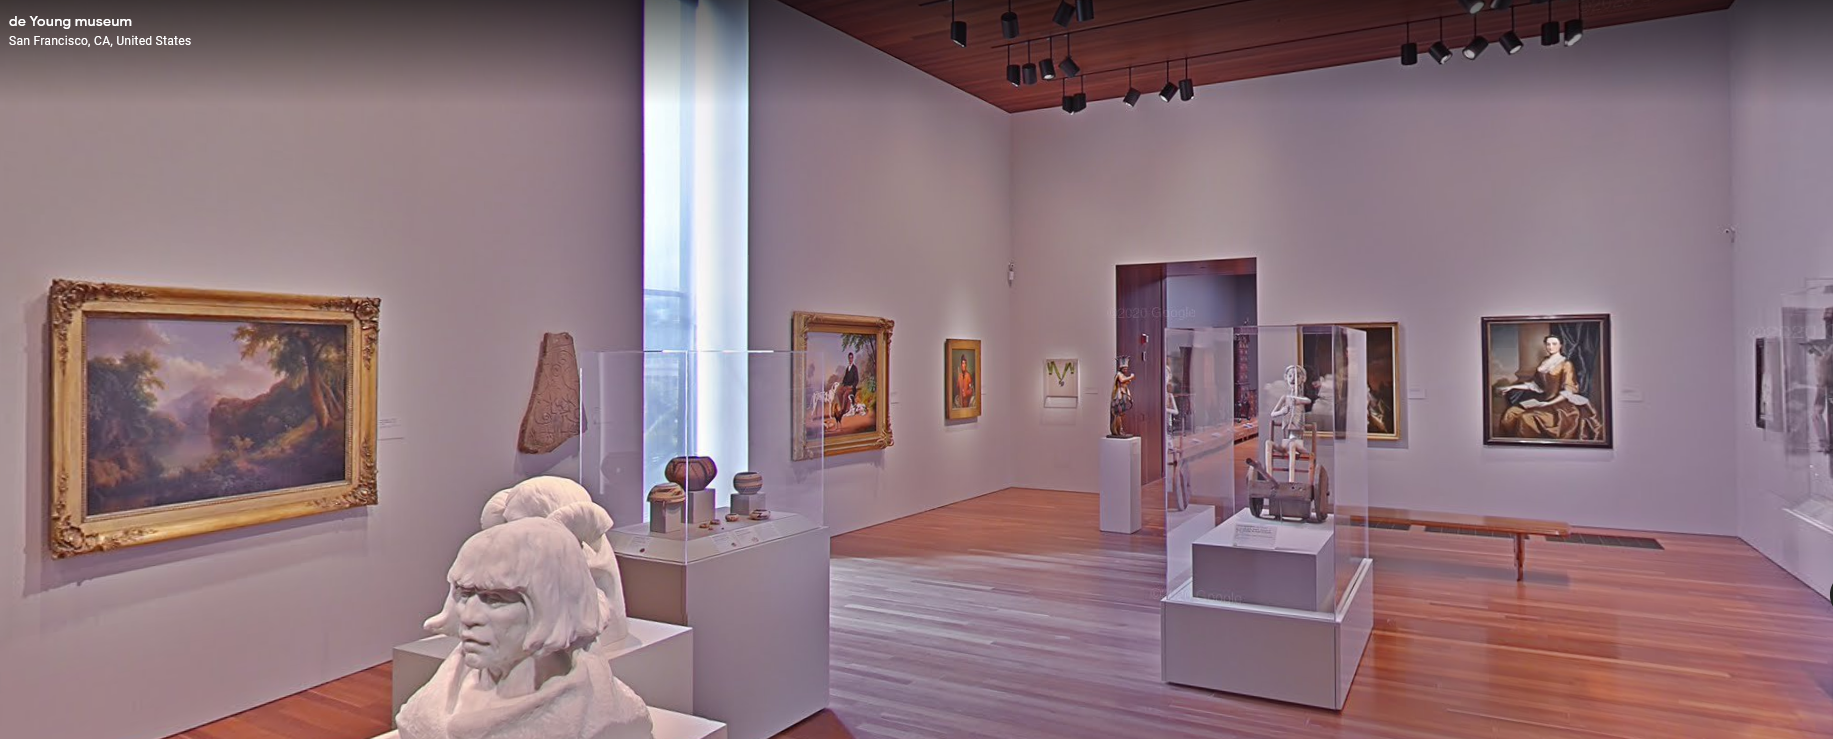 Interior do museu de Young; a visualização de locais pelo Street View também é oferecida